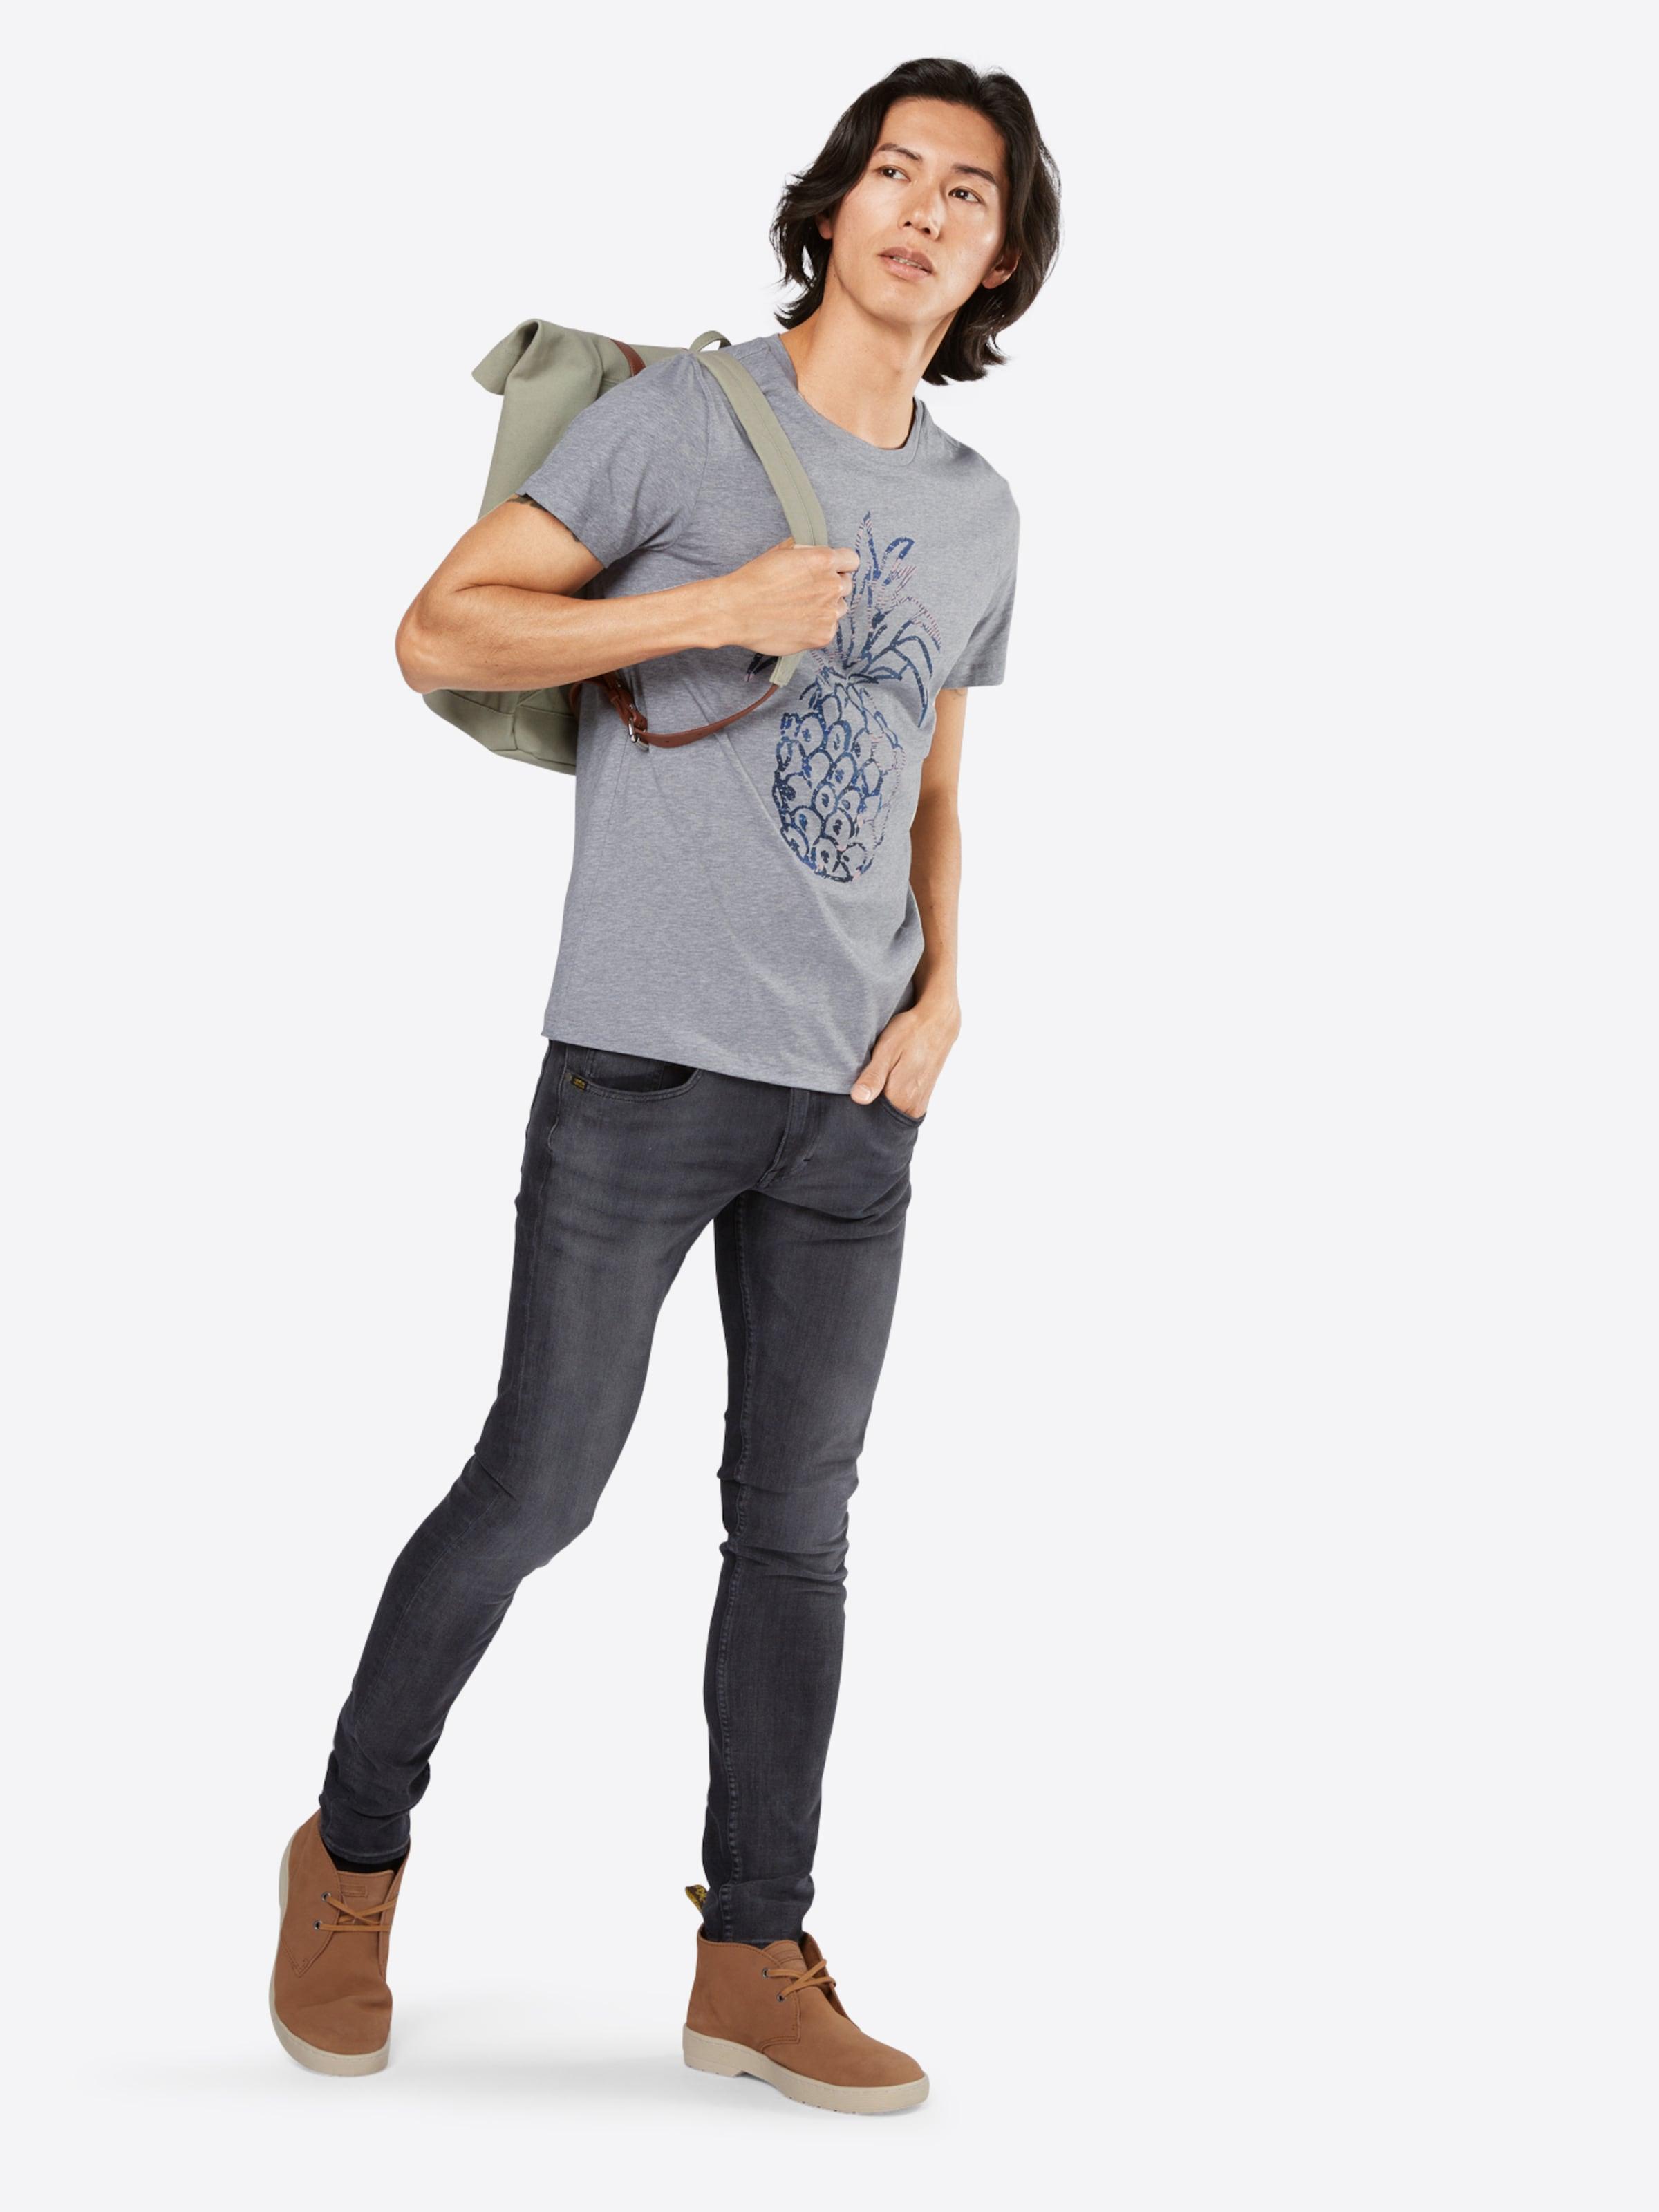 Austritt Aus Deutschland BOSS T-Shirt mit Print 'Tauno 1' Geniue Händler Günstiger Preis Freies Verschiffen Preiswerte Reale Einkaufen Genießen RhlGDZO